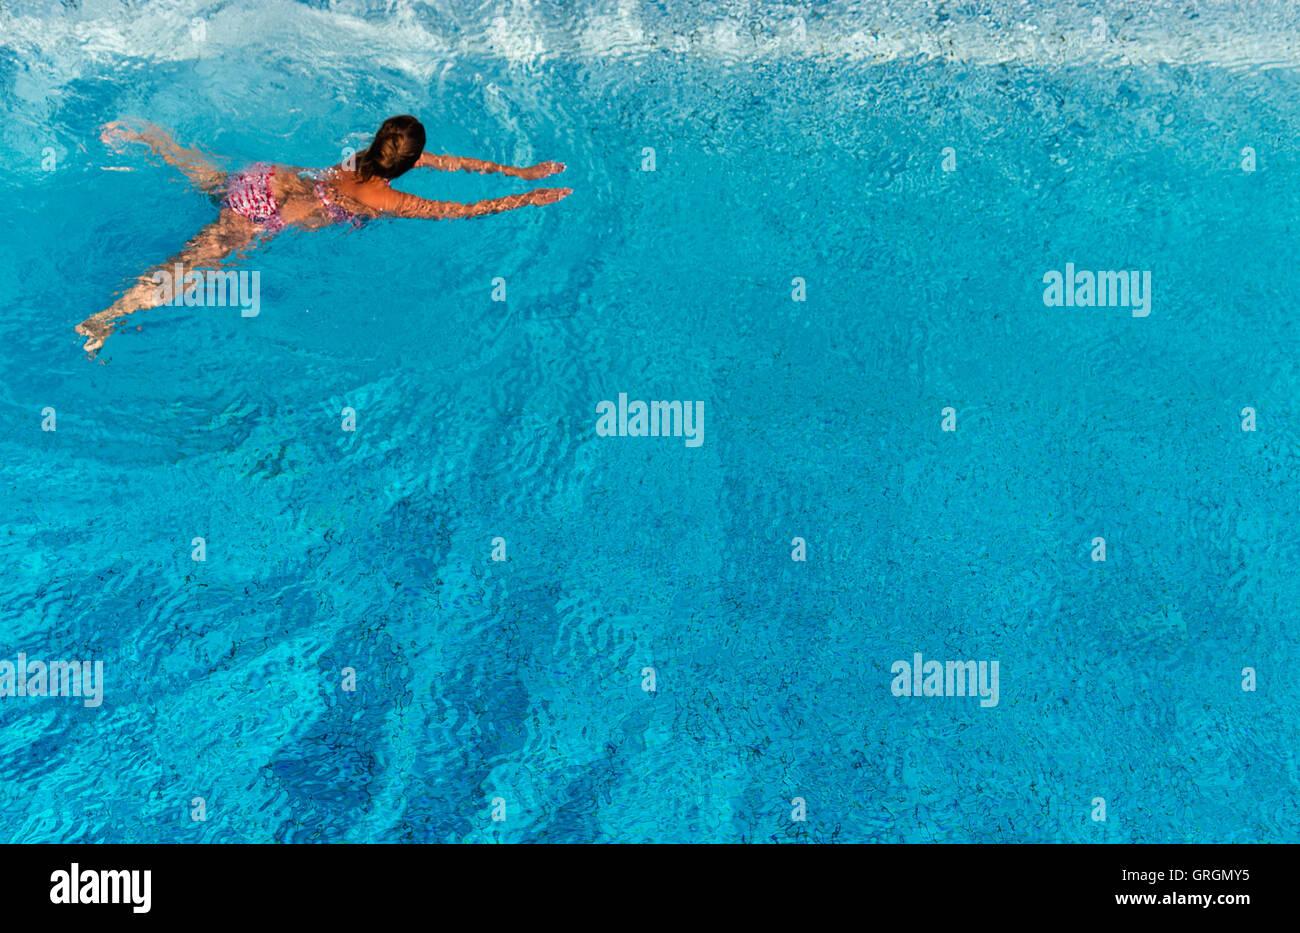 Hannover, Alemania. 7 Sep, 2016. Una mujer nadando en la piscina Lister, en Hanover, Alemania, el 7 de septiembre Imagen De Stock